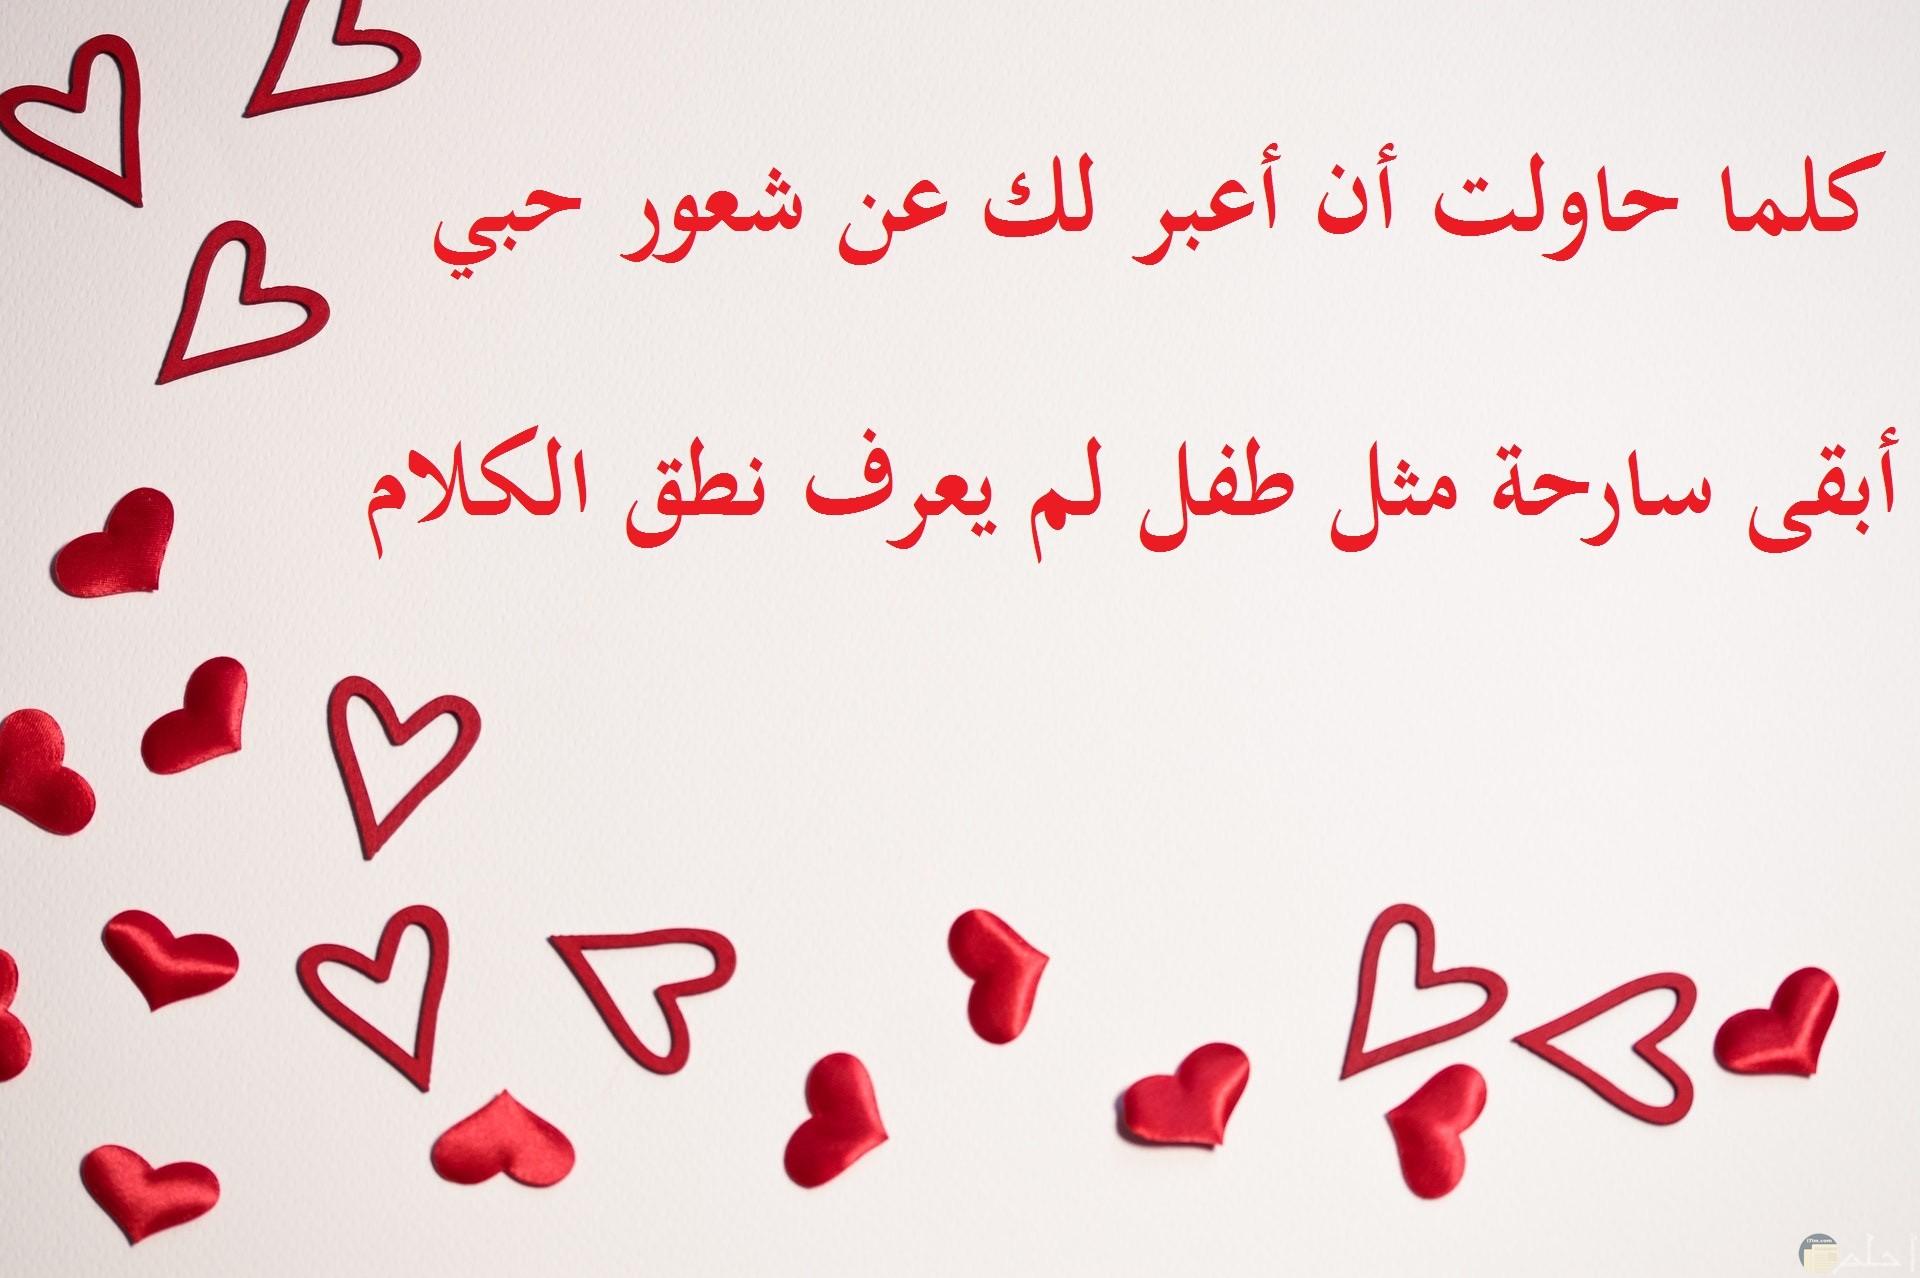 صورة مميزة لكلام رومانسي مع قلوب حمراء جميلة